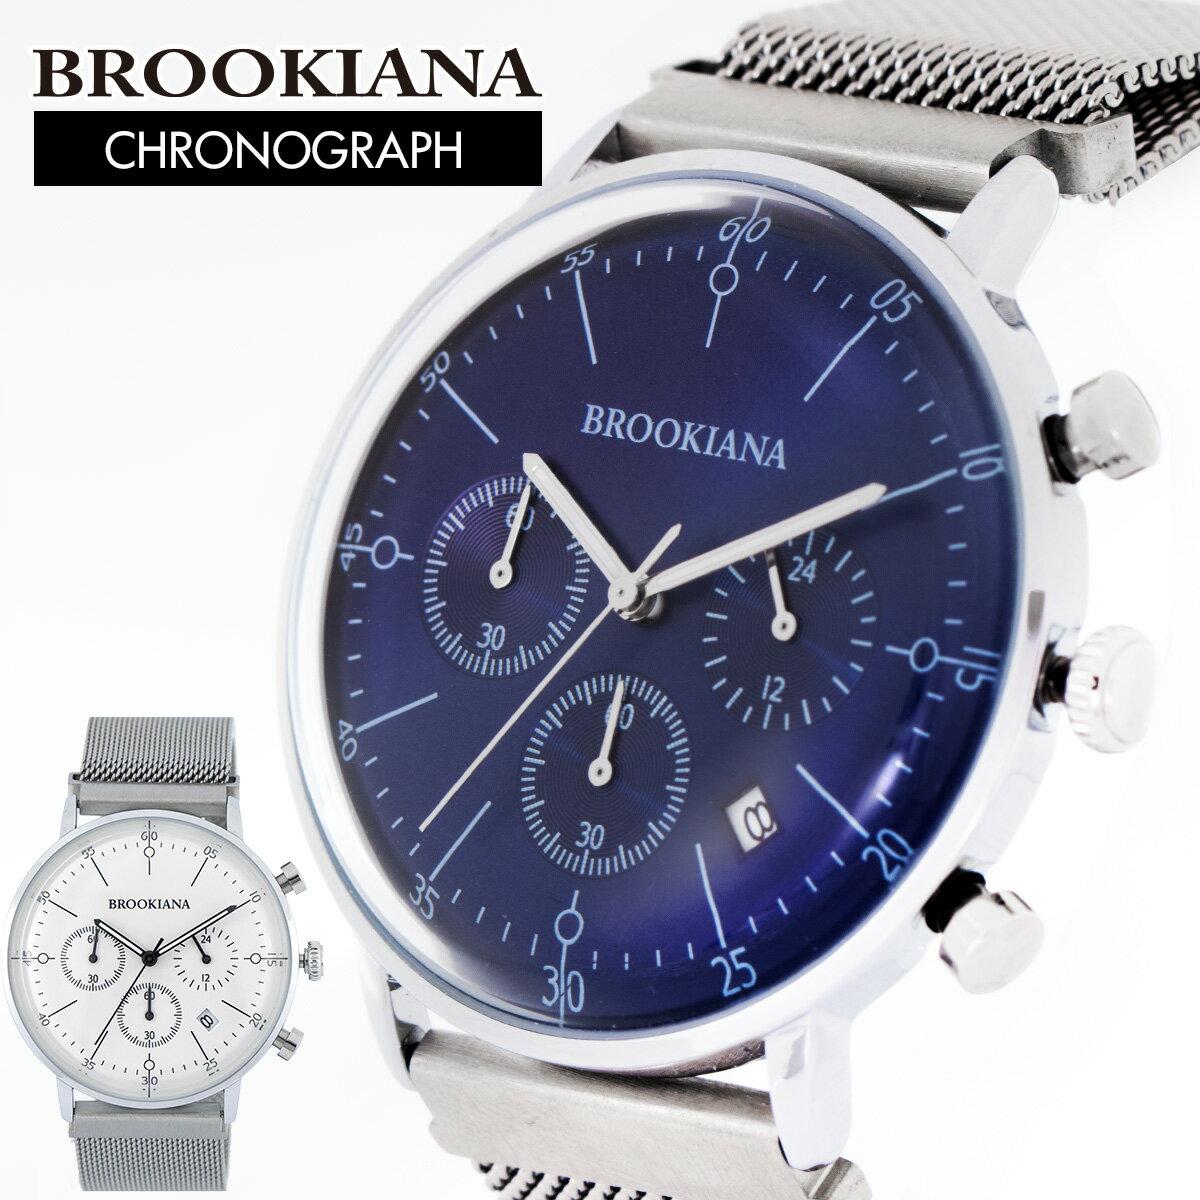 ブルッキアーナ BROOKIANA ba0052-c クロノグラフ メンズ 時計 腕時計 カレンダー クォーツ 防水